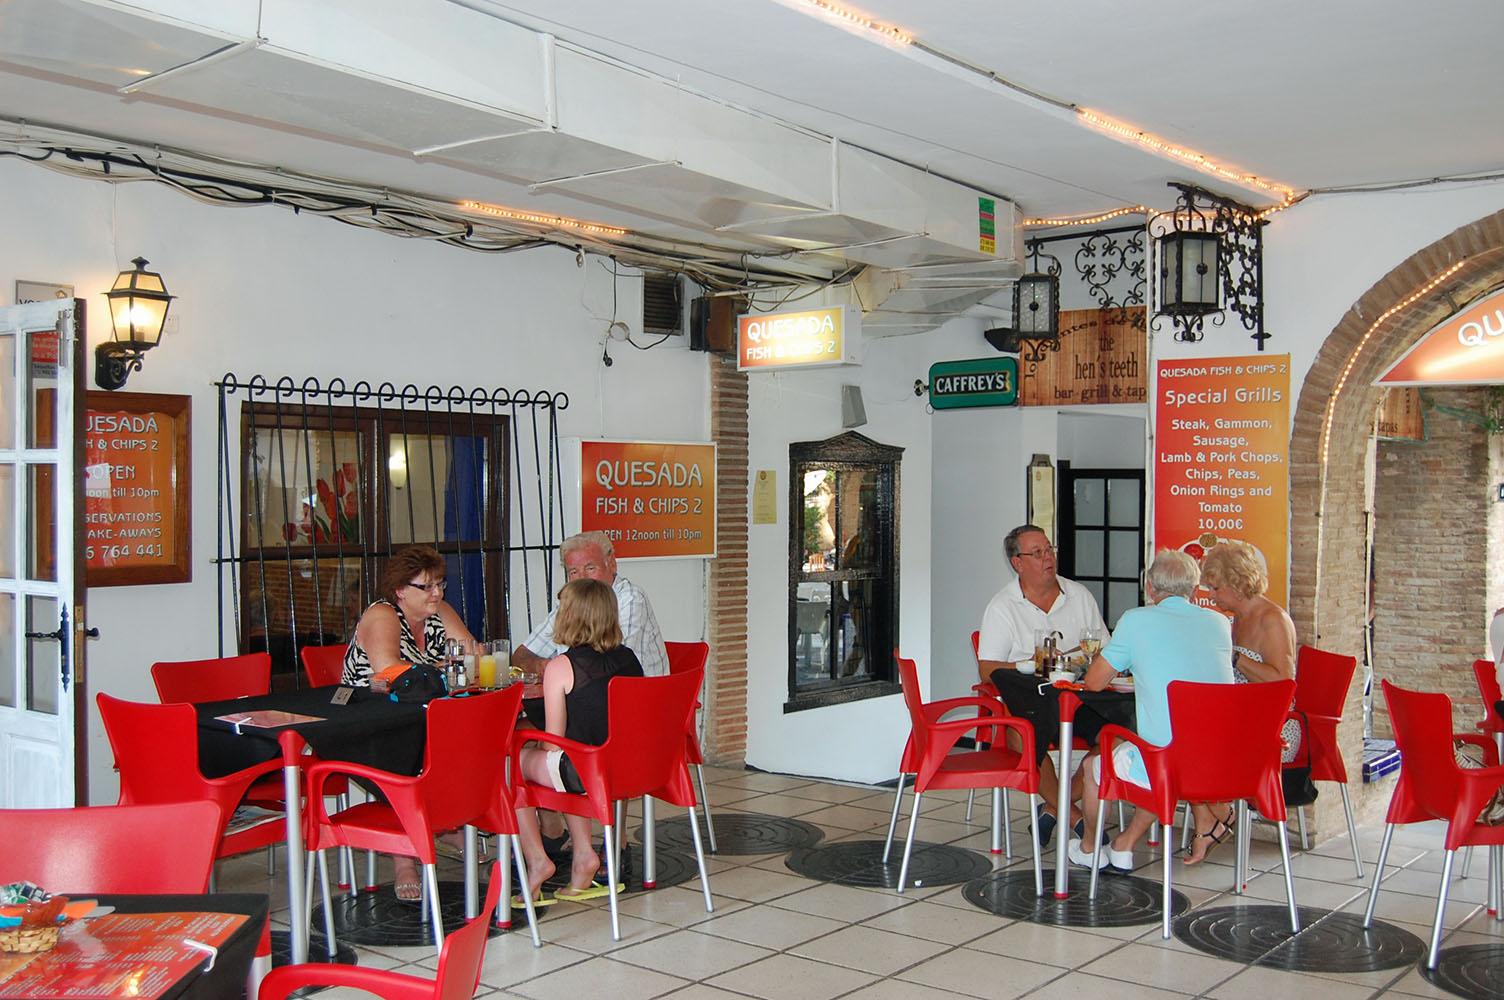 Quesada Fish & Chips on Villamartin Plaza